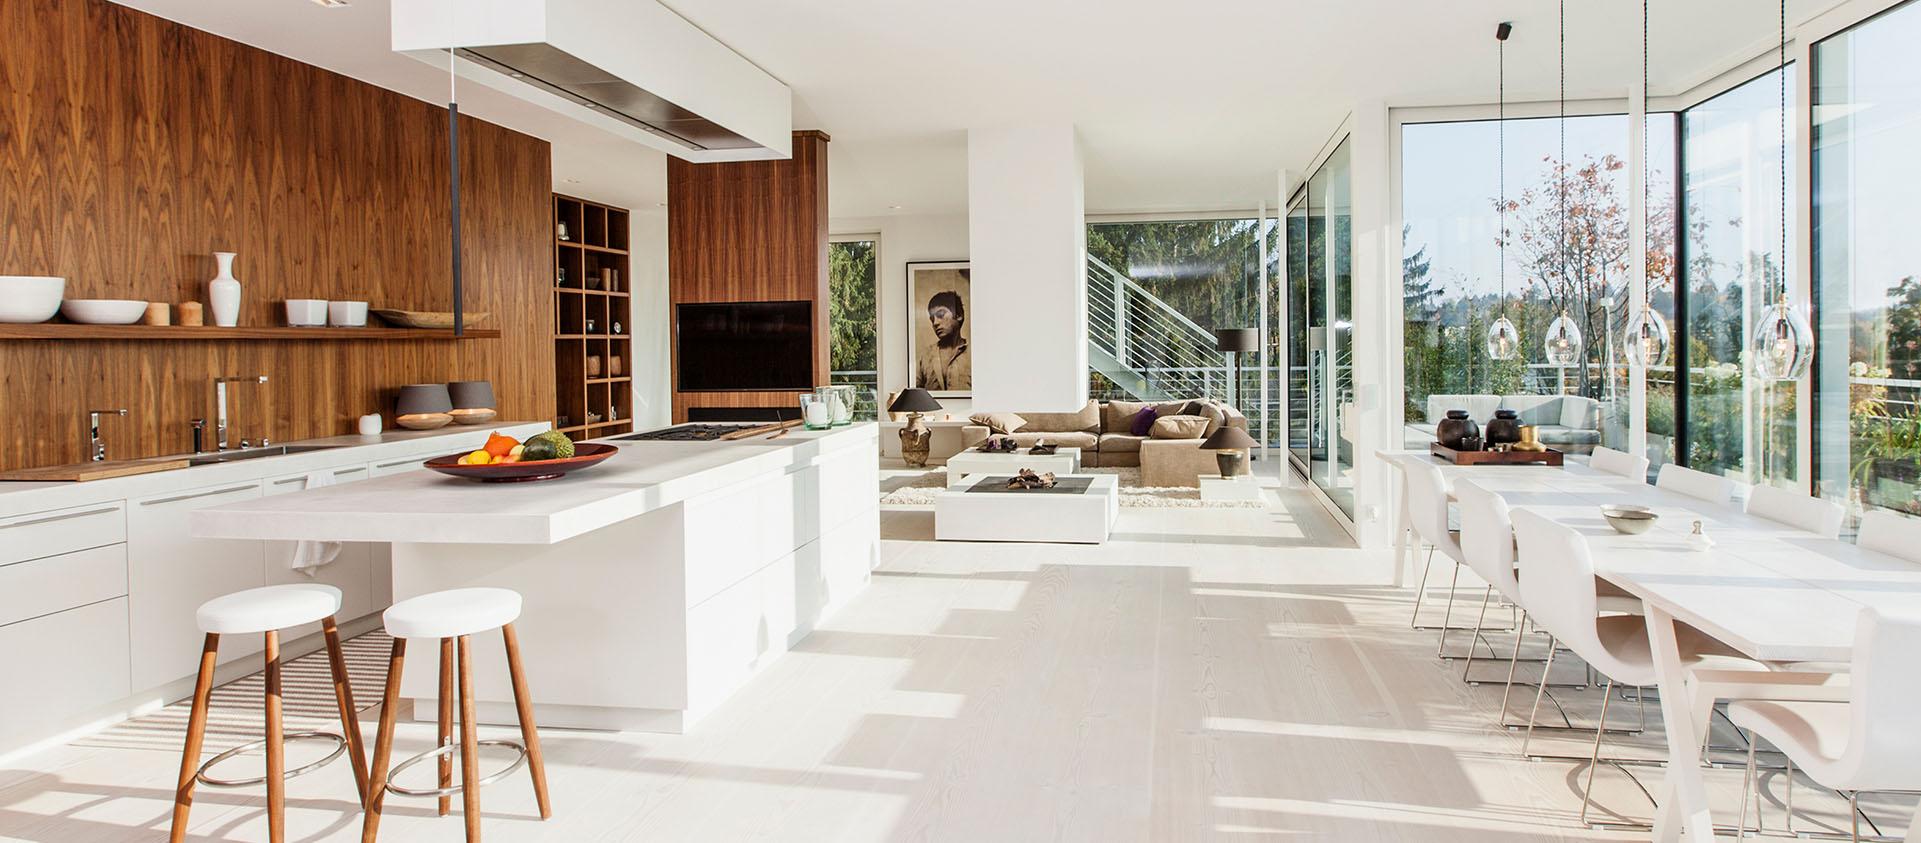 Penthouse offener Wohn-Essbereich lichtdurchflutet, Interieur Design Eberhard Horn Designgruppe Königstein